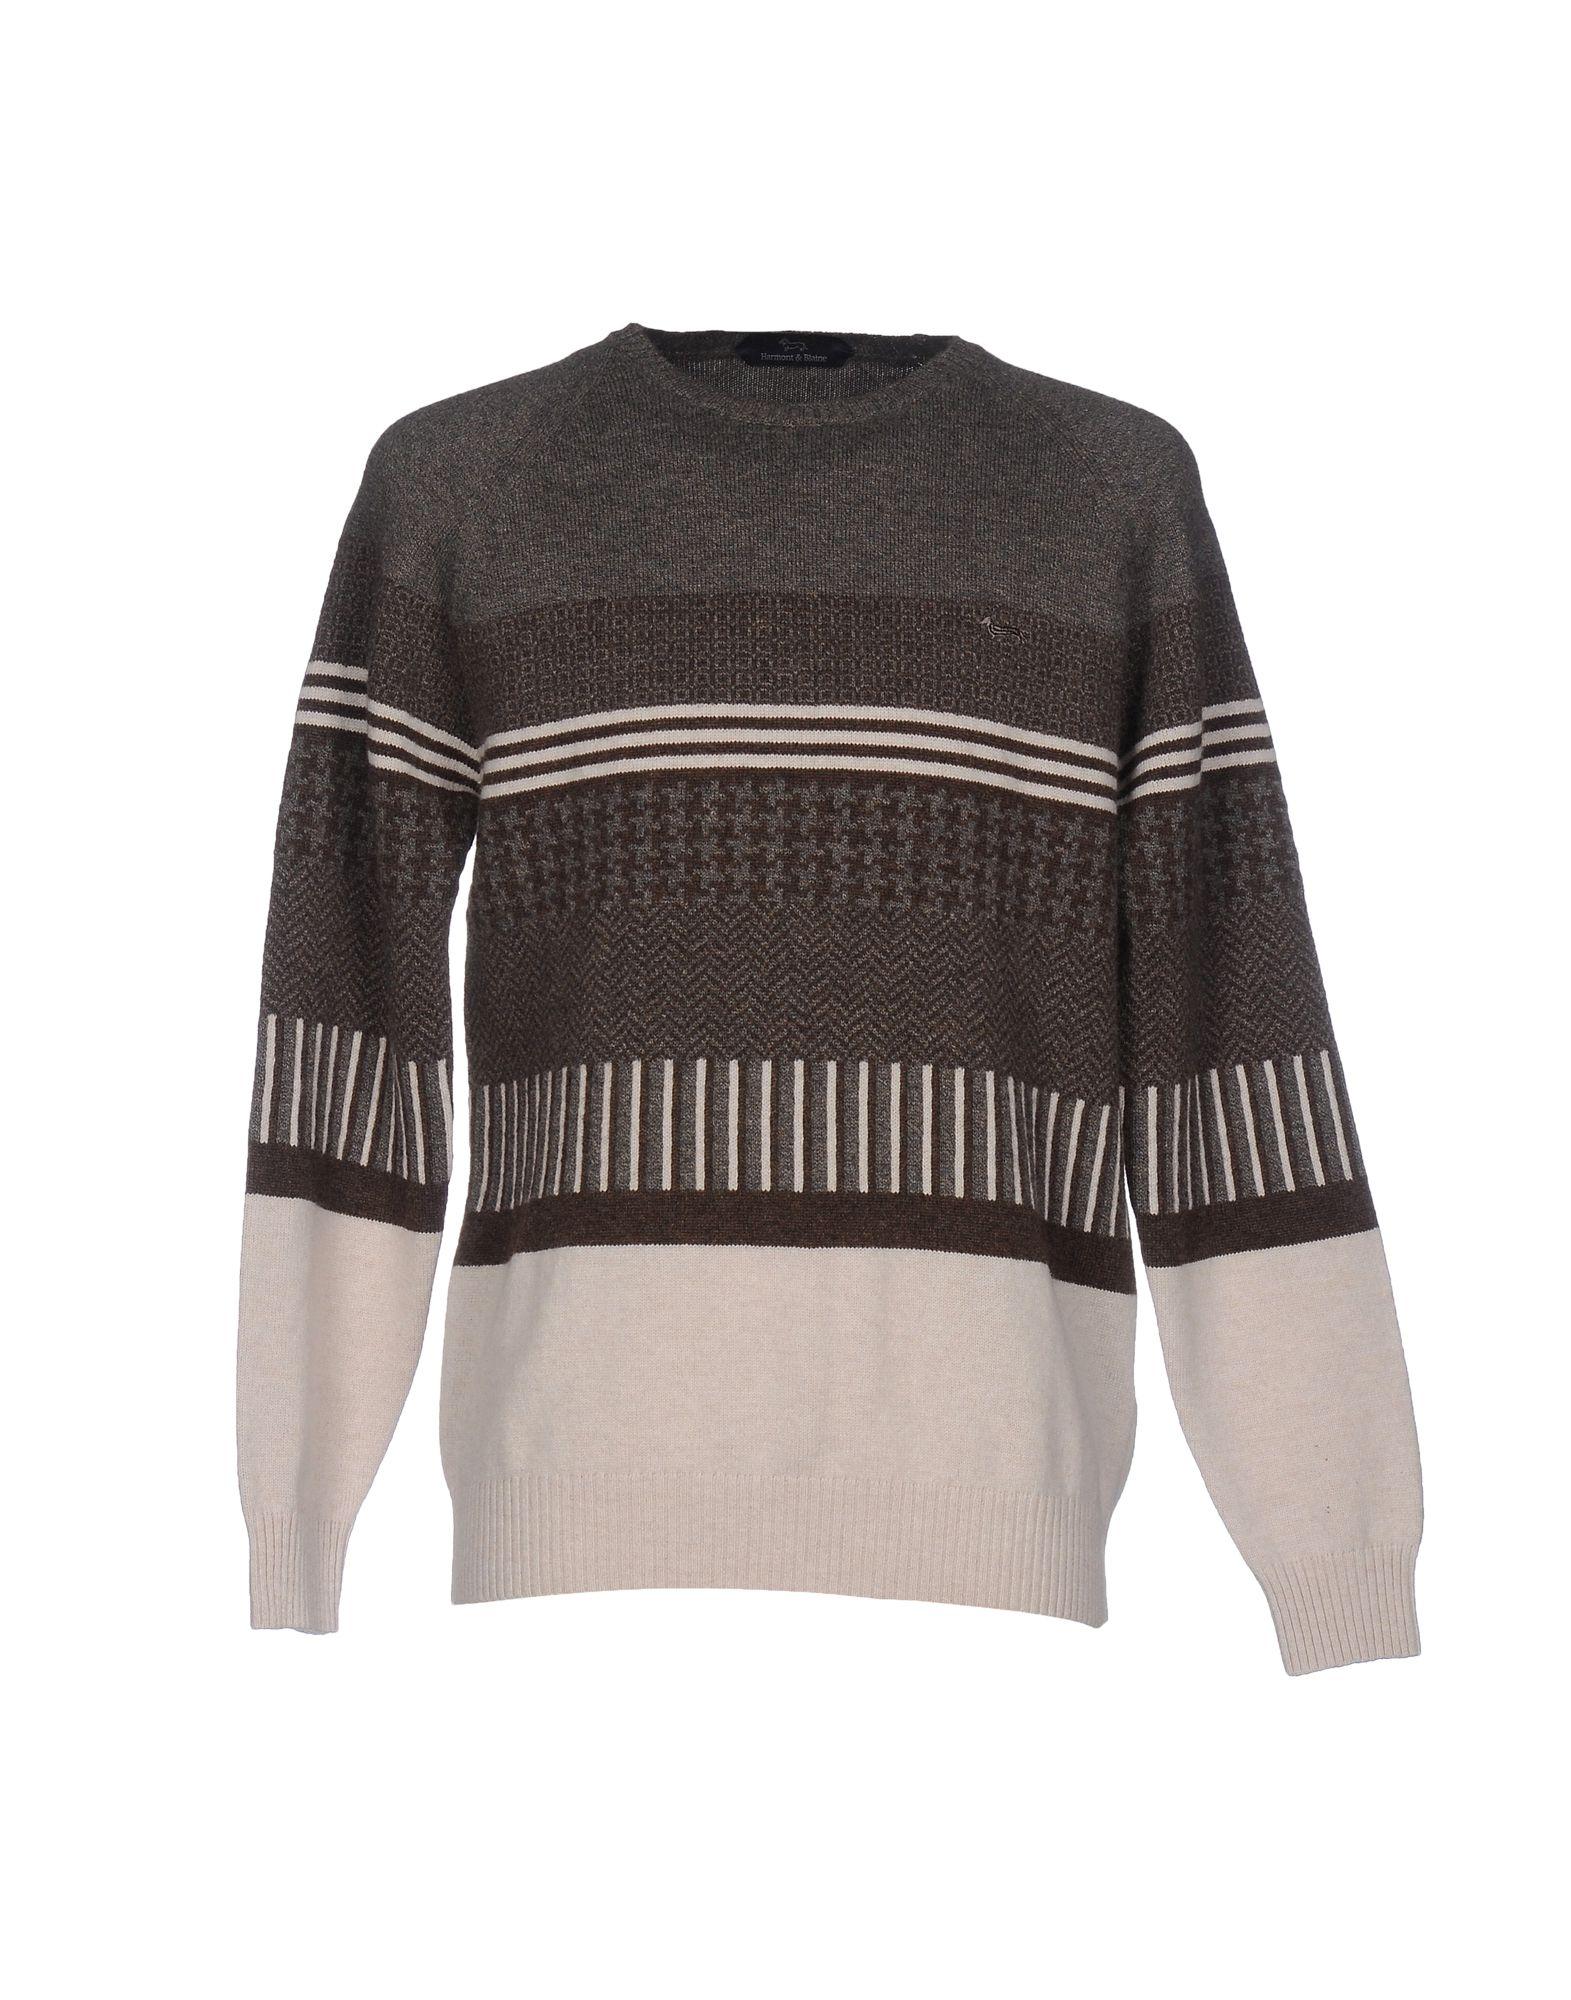 HARMONT&BLAINE Herren Pullover Farbe Grau Größe 8 jetztbilligerkaufen